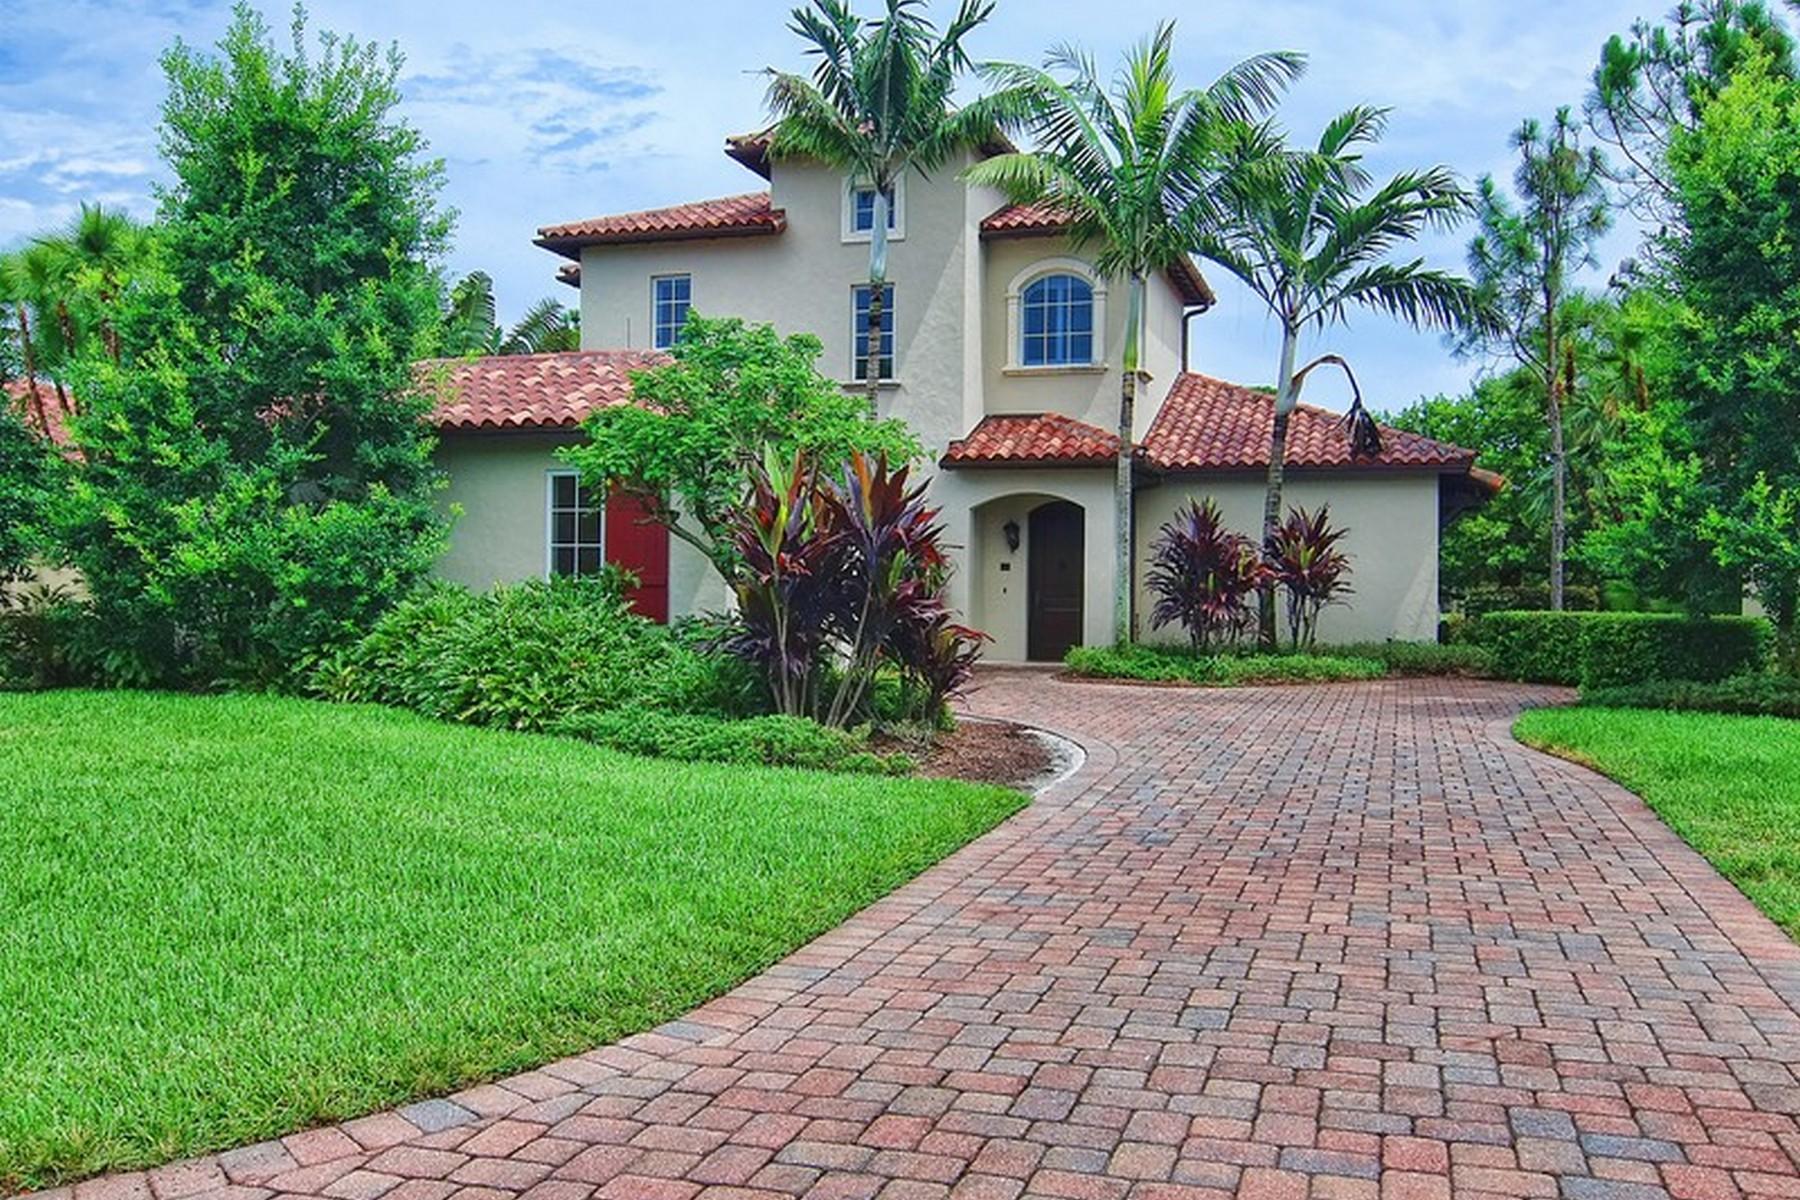 Sở hữu theo phần vì Bán tại 323 Green Heron Drive (Interest 5) 323 Green Heron Drive, (Interest 5) Jupiter, Florida 33477 Hoa Kỳ